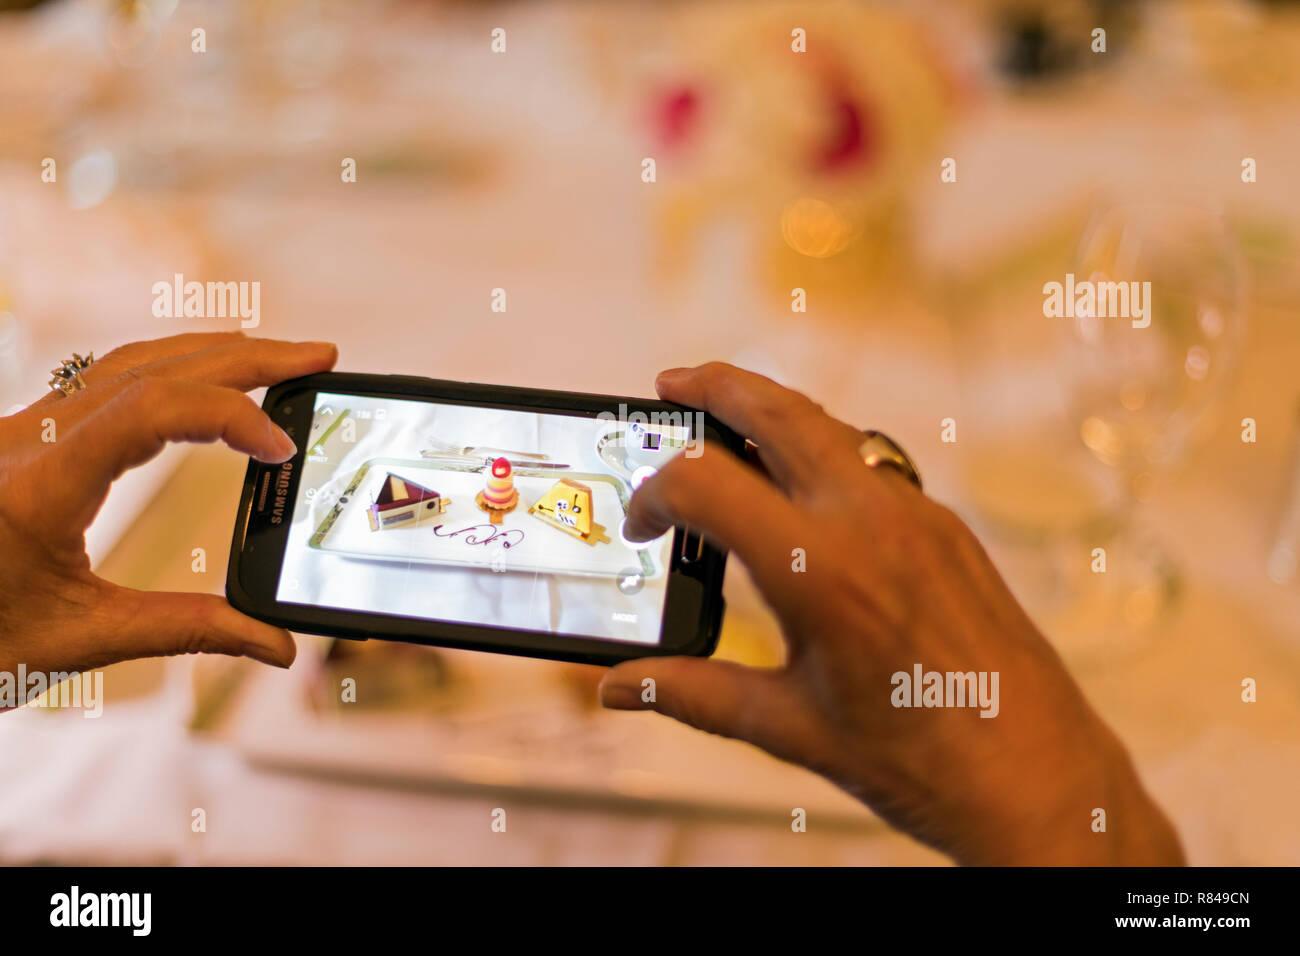 Fotografia di cibo, telefono cellulare immagine di dessert Immagini Stock